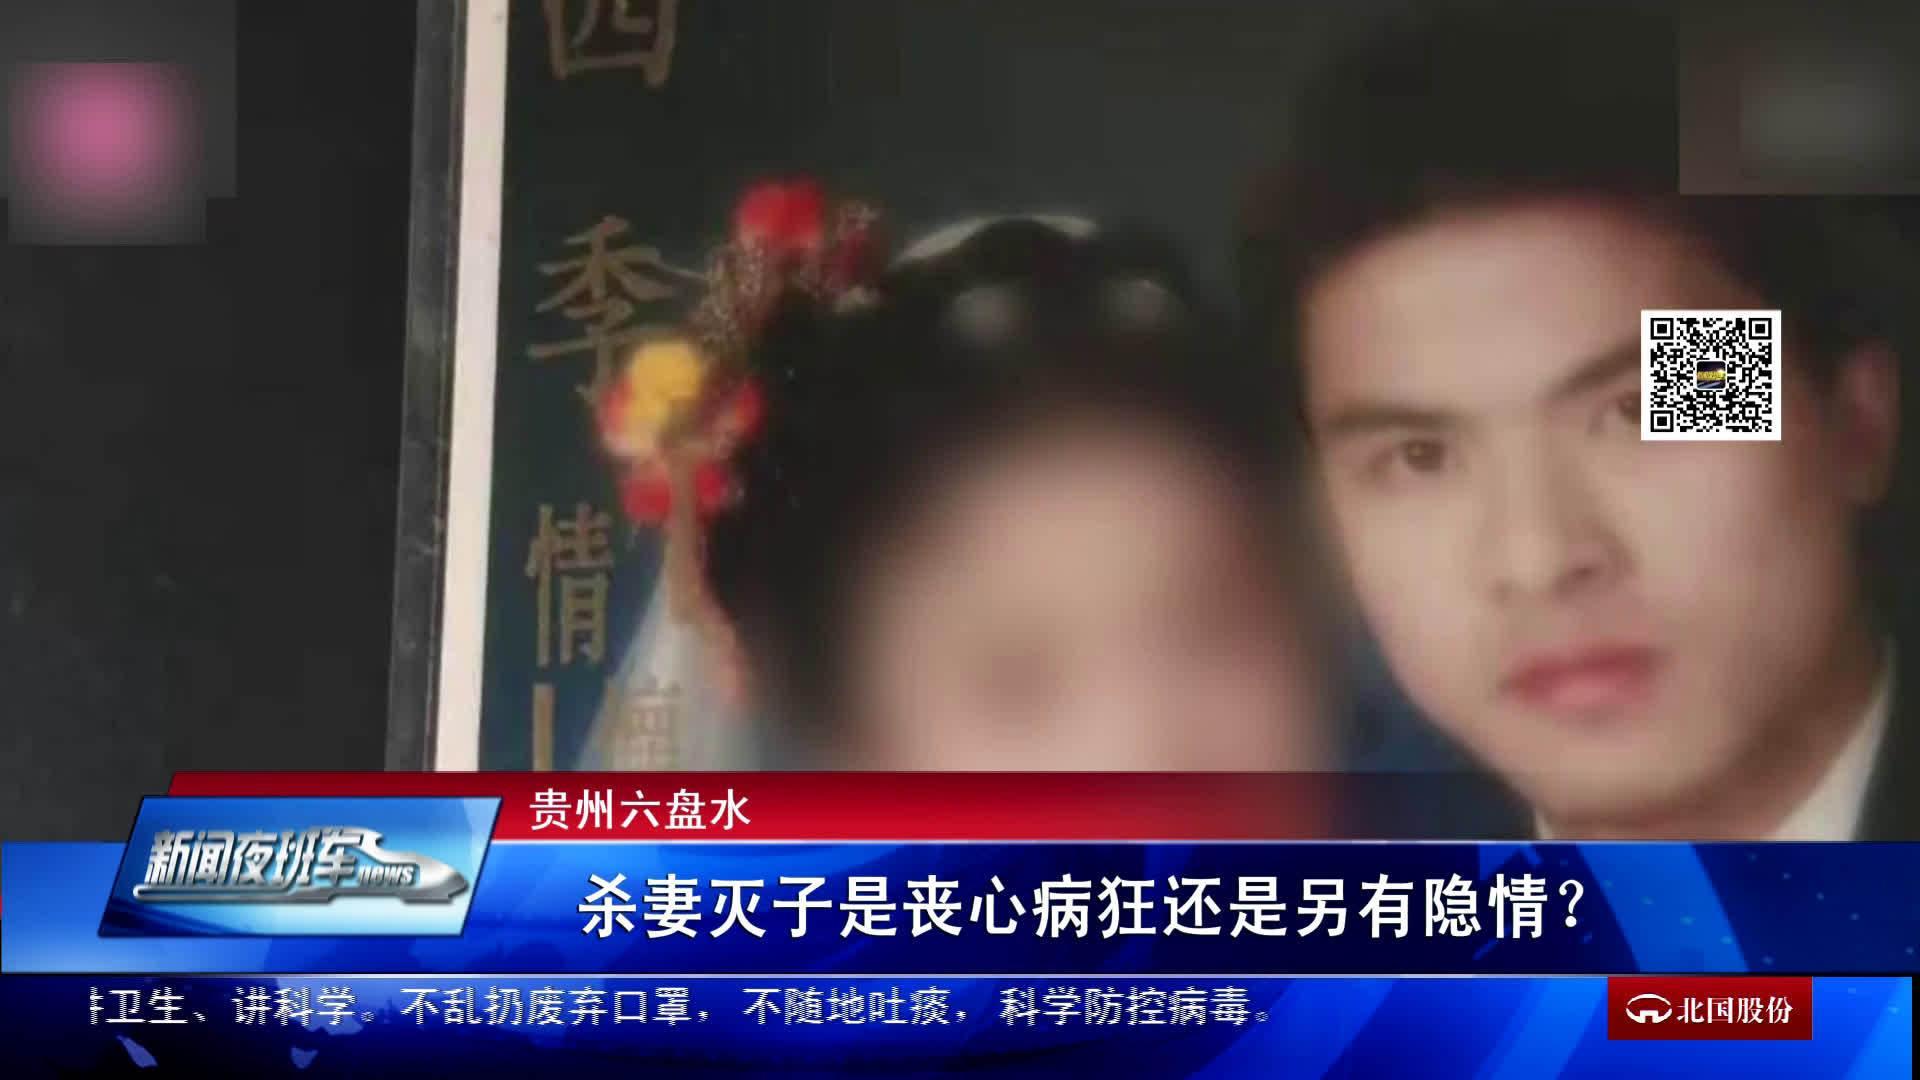 贵州六盘水:杀妻灭子是丧心病狂还是另有隐情?